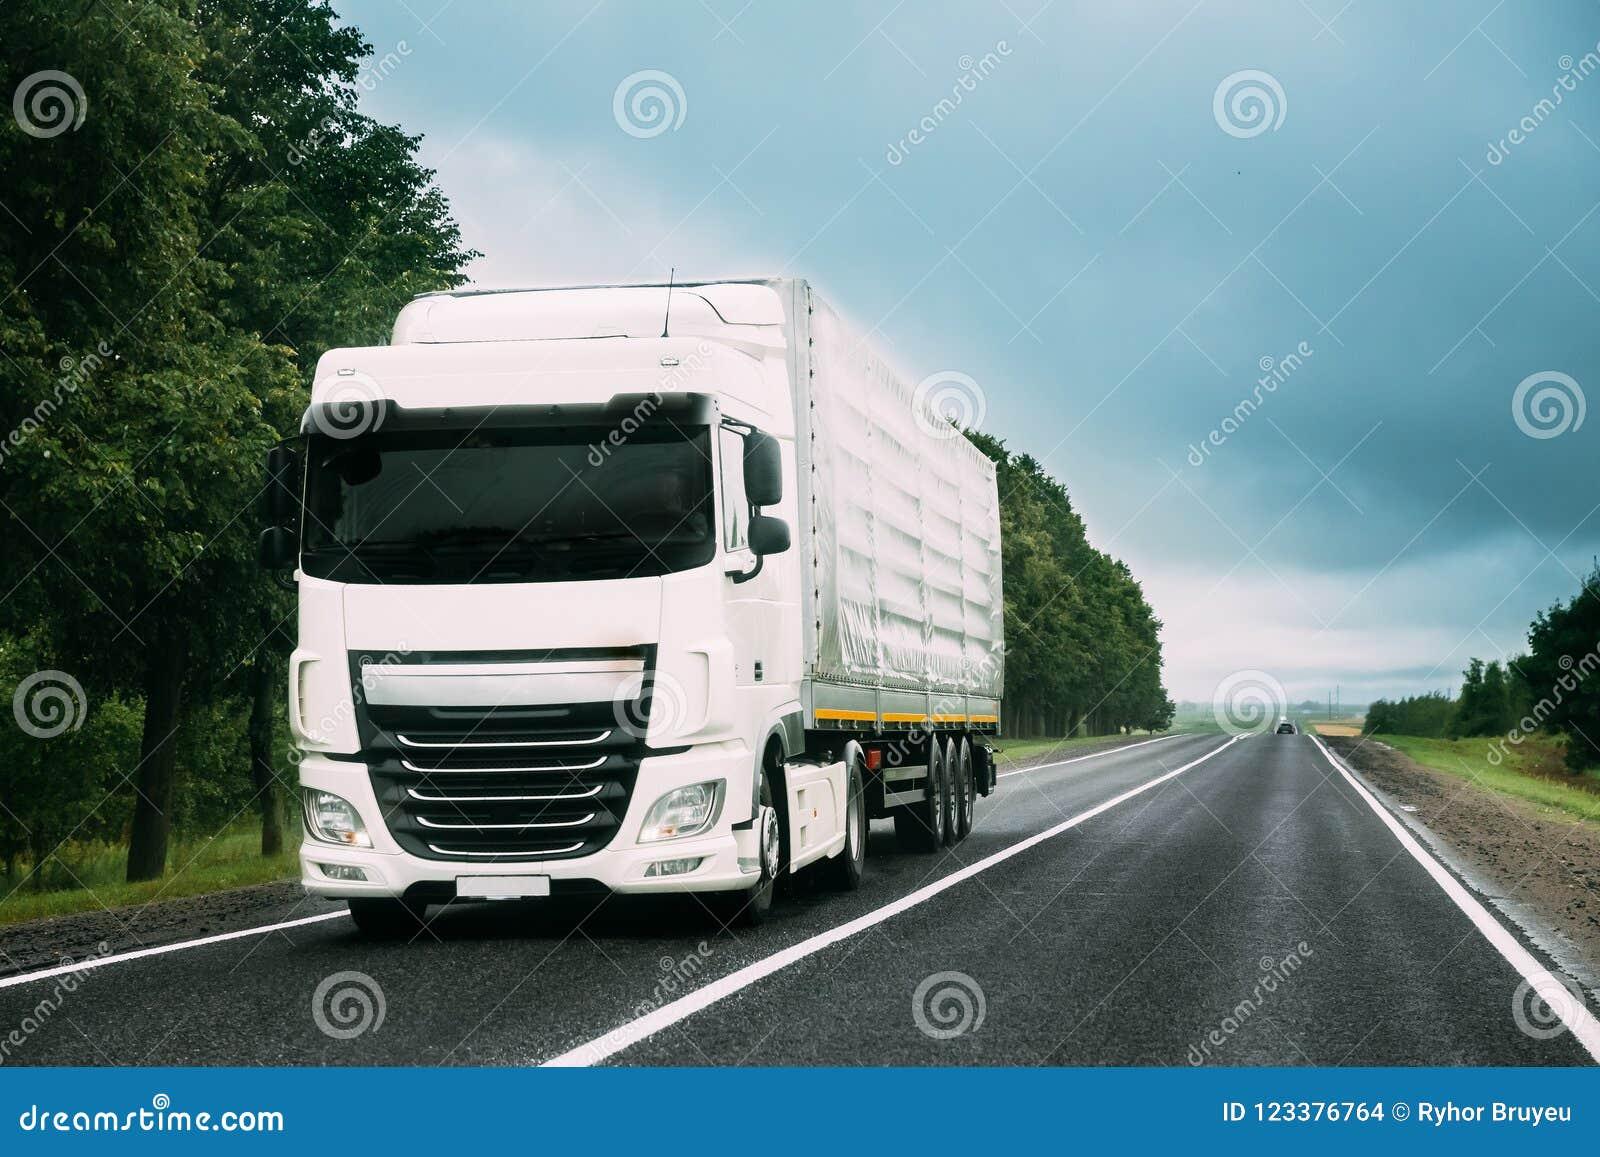 Ciężarowa Ciągnikowa jednostka, prima - wnioskodawca, trakci jednostka W ruchu Na drodze